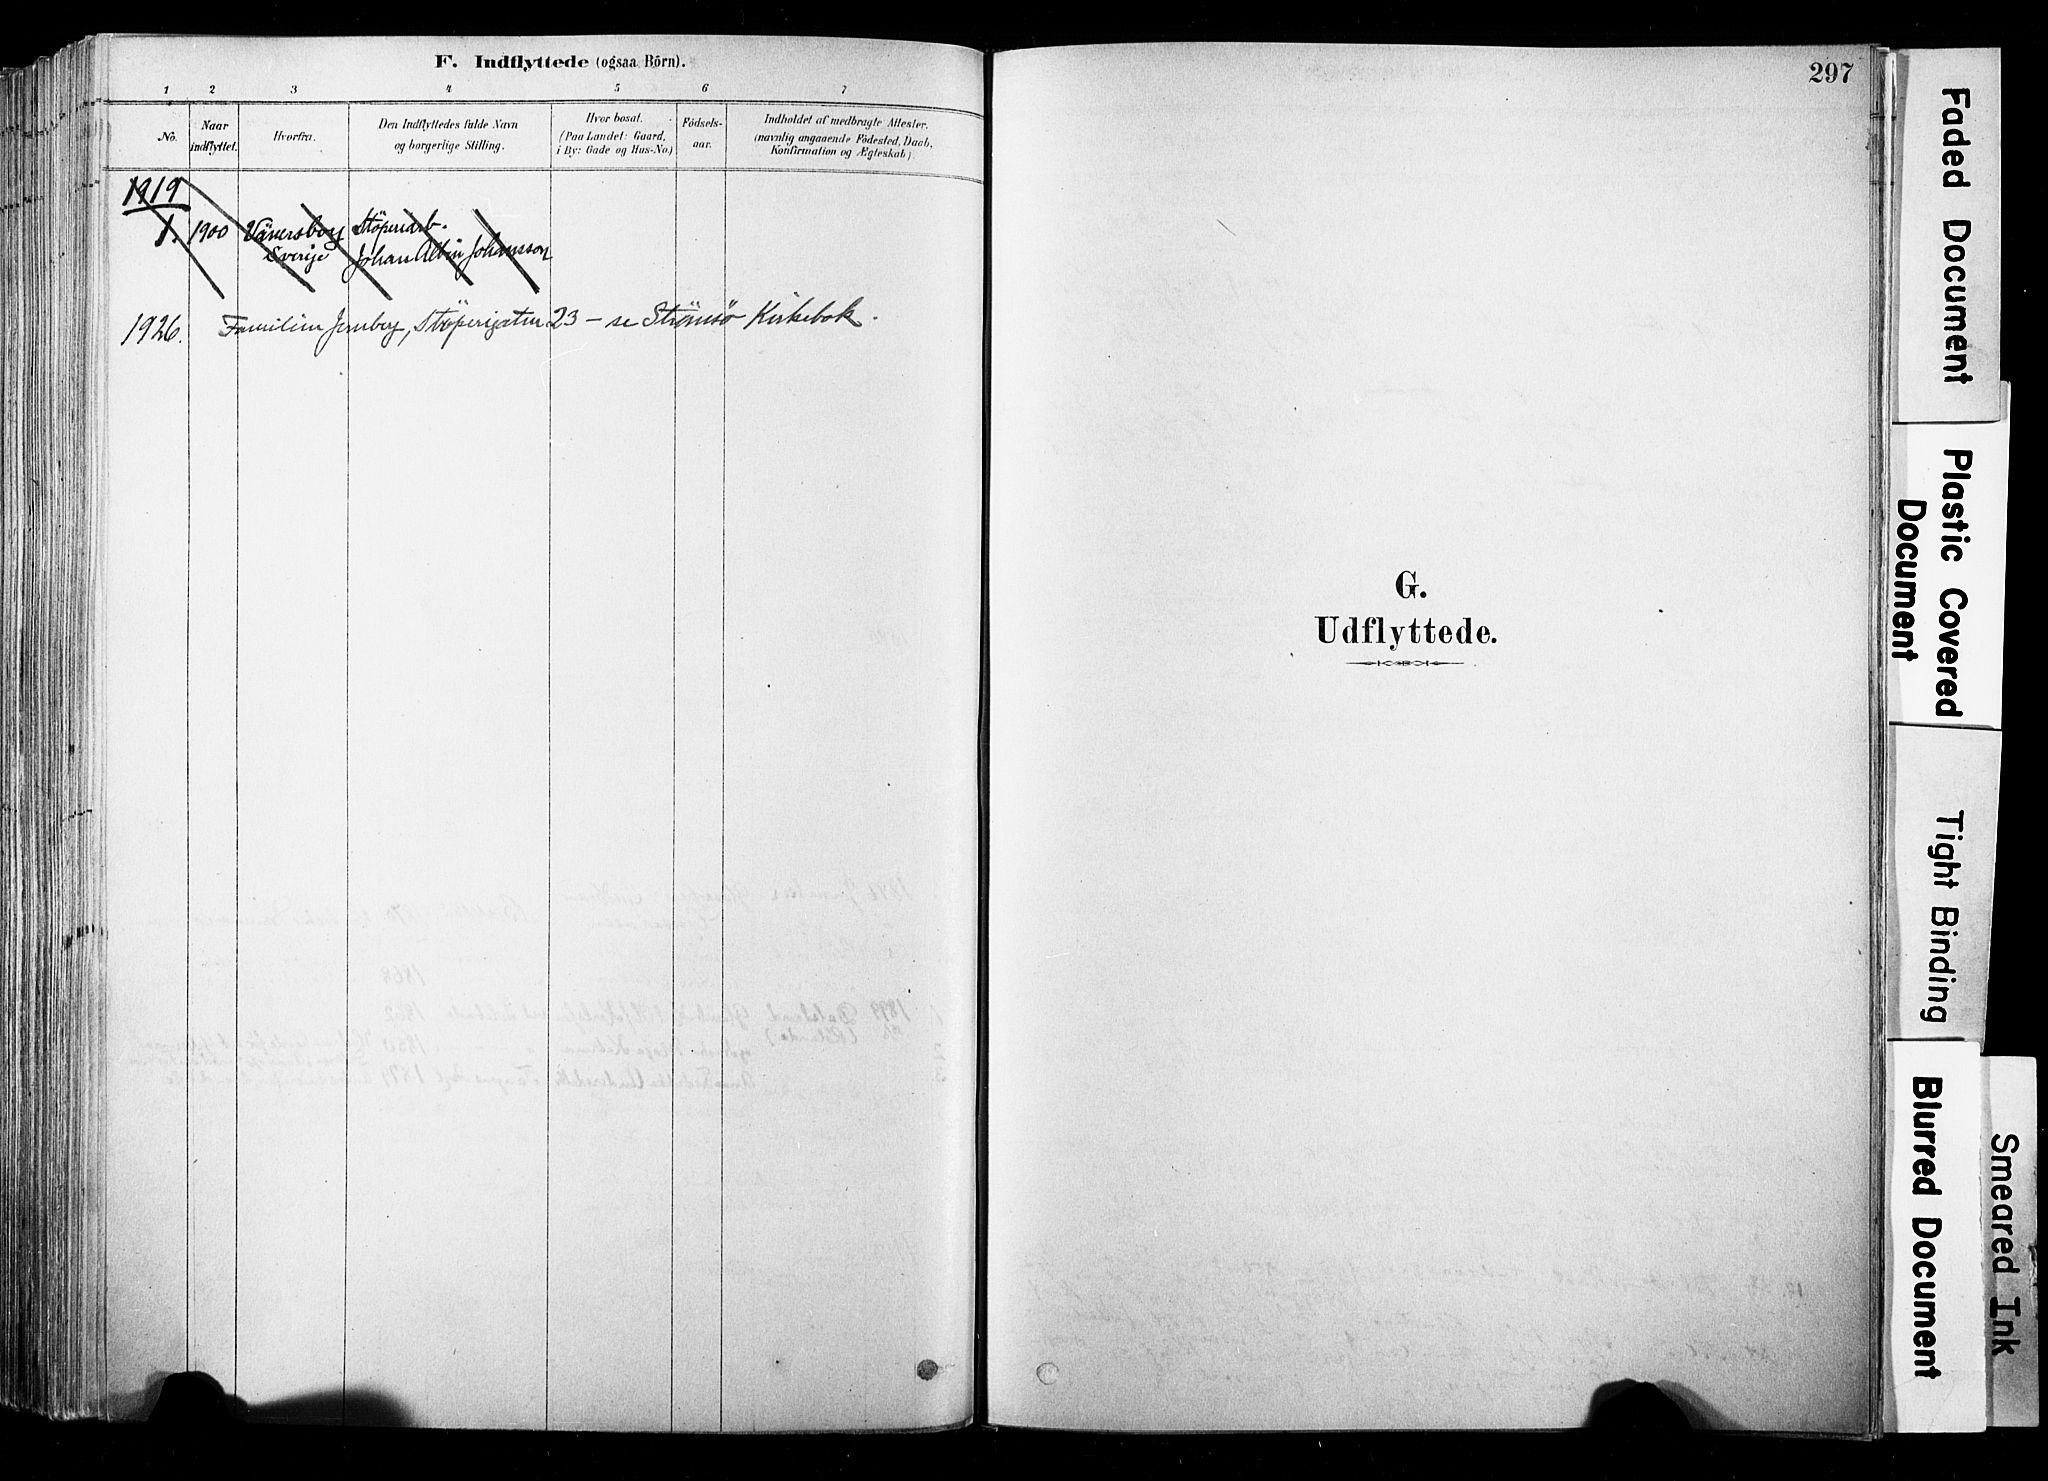 SAKO, Strømsø kirkebøker, F/Fb/L0006: Ministerialbok nr. II 6, 1879-1910, s. 297